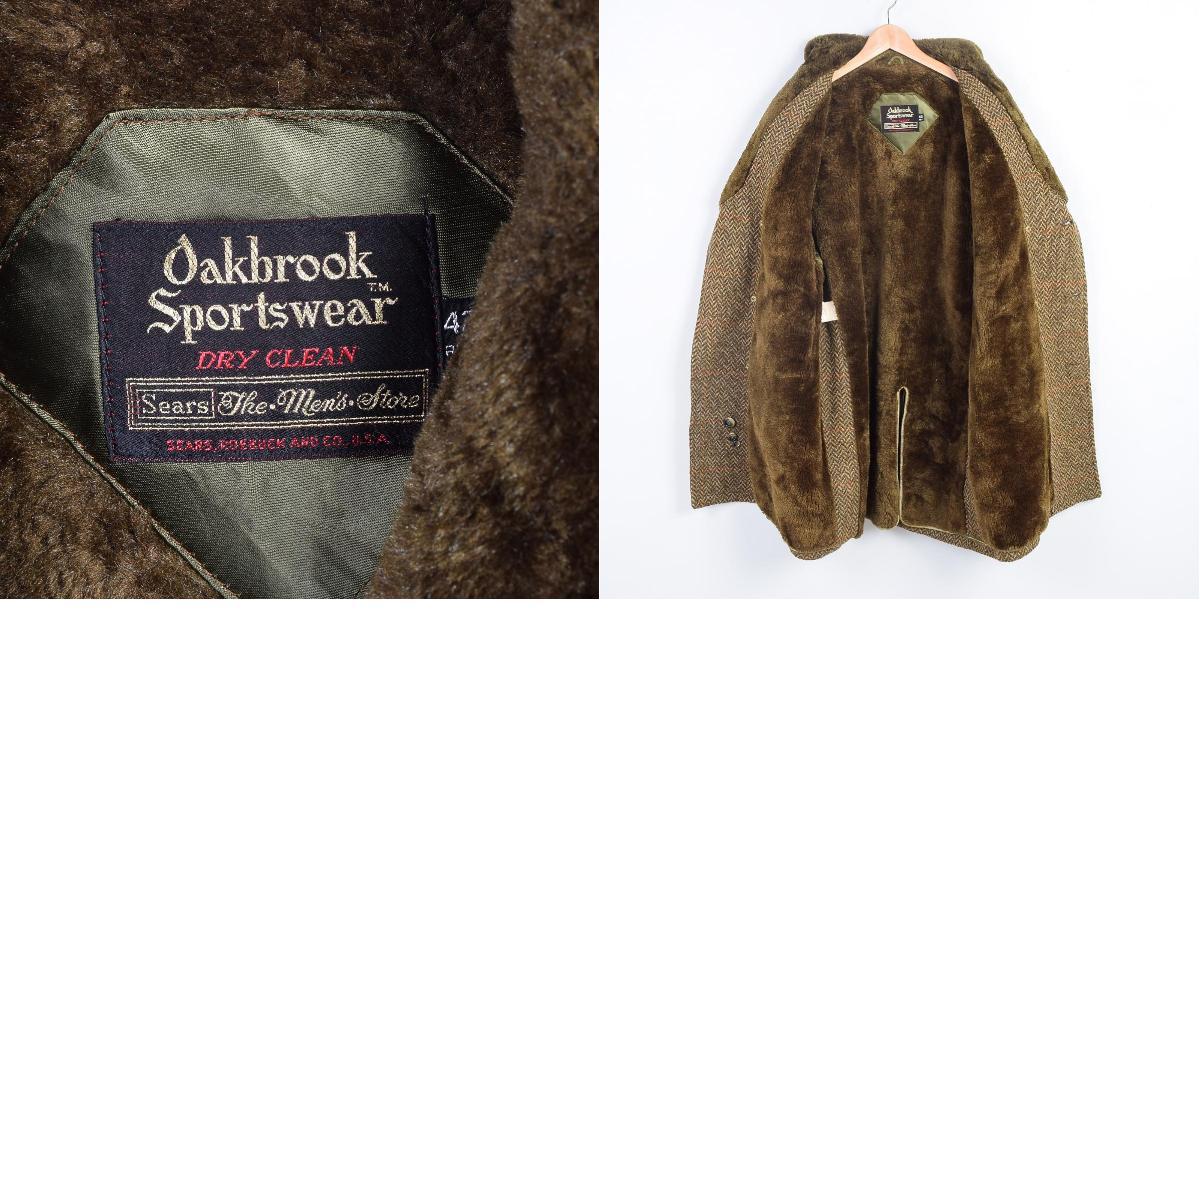 60-70年代Sears OAKBROOK SPORTSWEAR毛皮围巾班车长大衣42REG人L复古Sears/wex9848